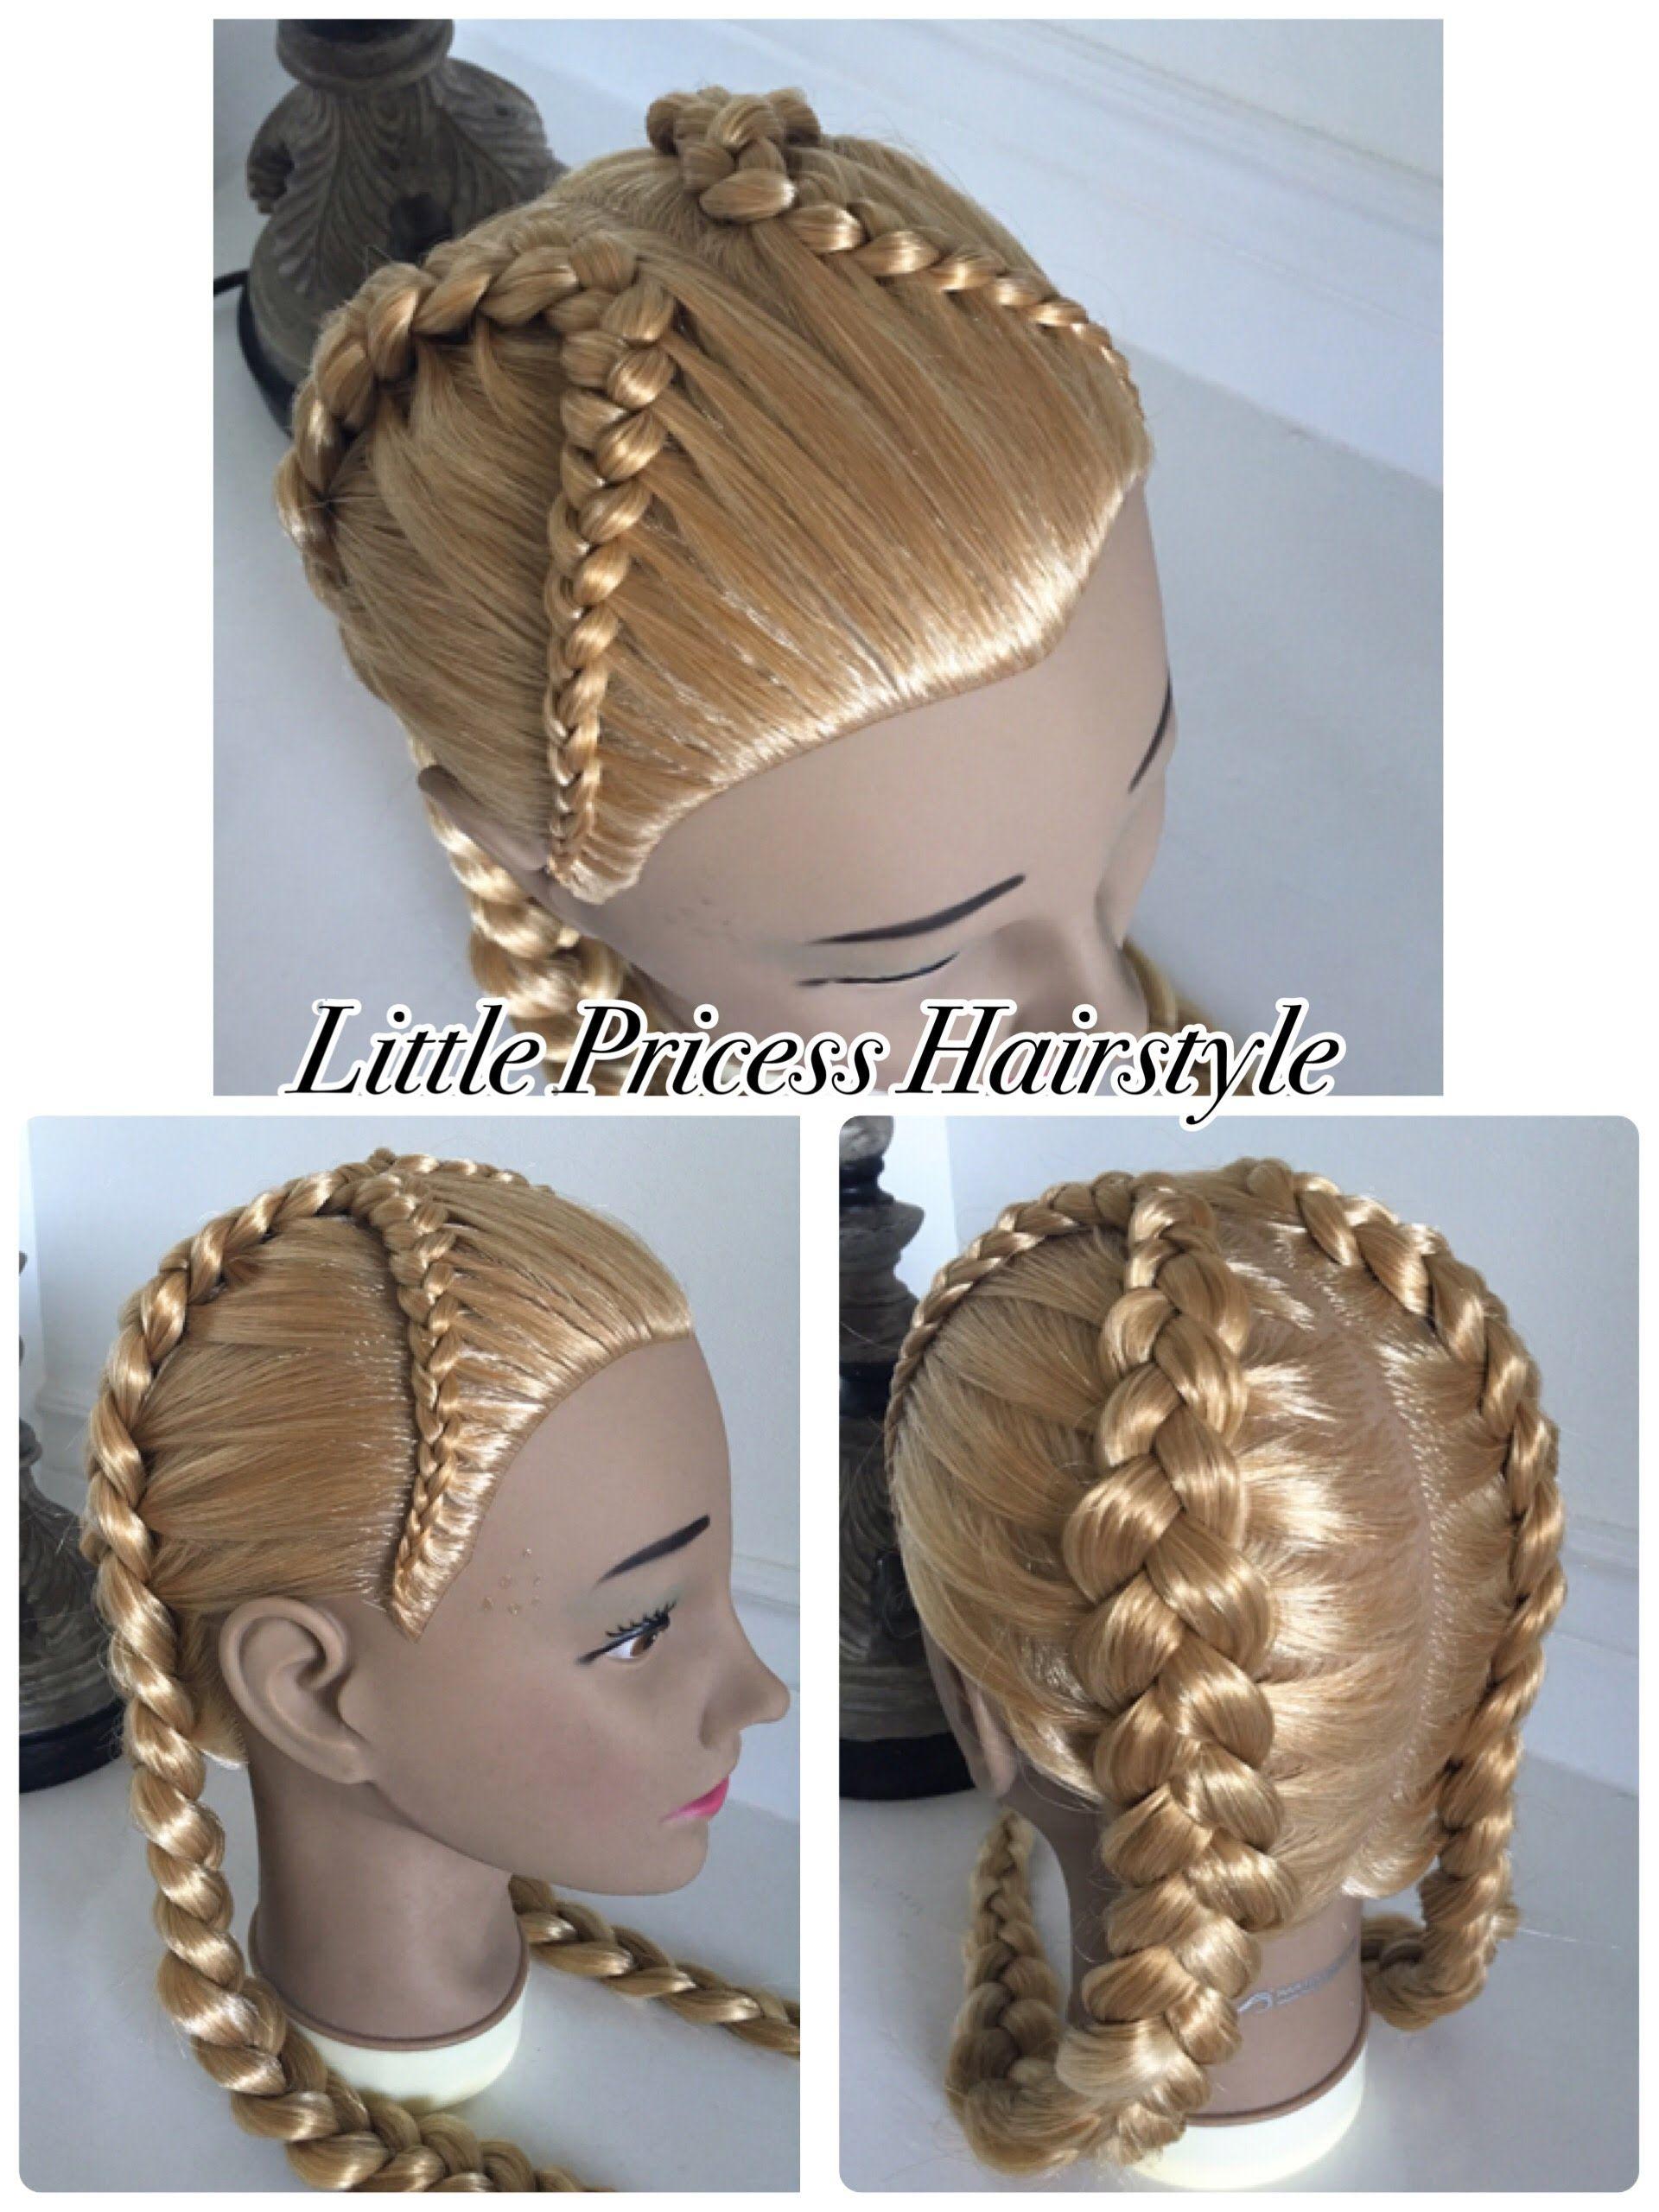 peinados facil para cabello cortopeinado con trenzapeinado faciles y b - Peinados Fciles